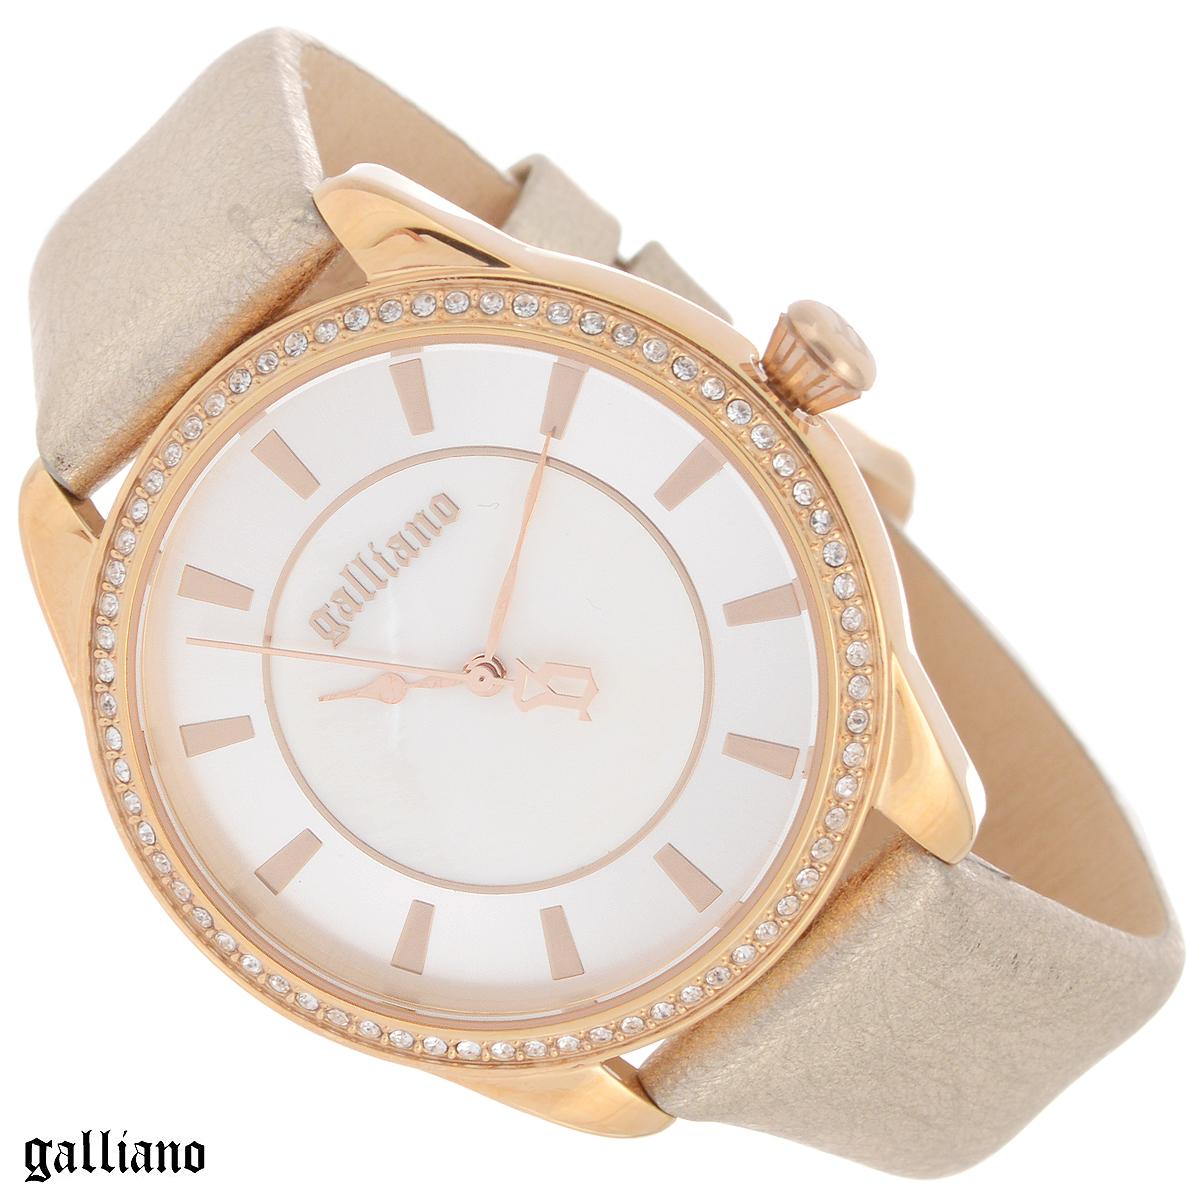 """Часы женские наручные Galliano, цвет: золотой. R2551115503R2551115503Наручные женские часы Galliano оснащены кварцевым механизмом. Корпус выполнен из высококачественной нержавеющей стали с PVD-покрытием. Циферблат из натурального перламутра с отметками защищен минеральным стеклом. Часы имеют три стрелки - часовую, минутную и секундную. Ремешок часов выполнен из натуральной кожи с эффектом """"металлик"""" и оснащен классической застежкой. Часы укомплектованы паспортом с подробной инструкцией. Часы Galliano благодаря своему великолепному дизайну и качеству исполнения станут главным акцентом вашего образа. Характеристики: Диаметр циферблата: 3,3 см. Размер корпуса: 3,8 см х 3,8 см х 0,7 см. Длина ремешка (с корпусом): 21 см. Ширина ремешка: 1,6 см."""